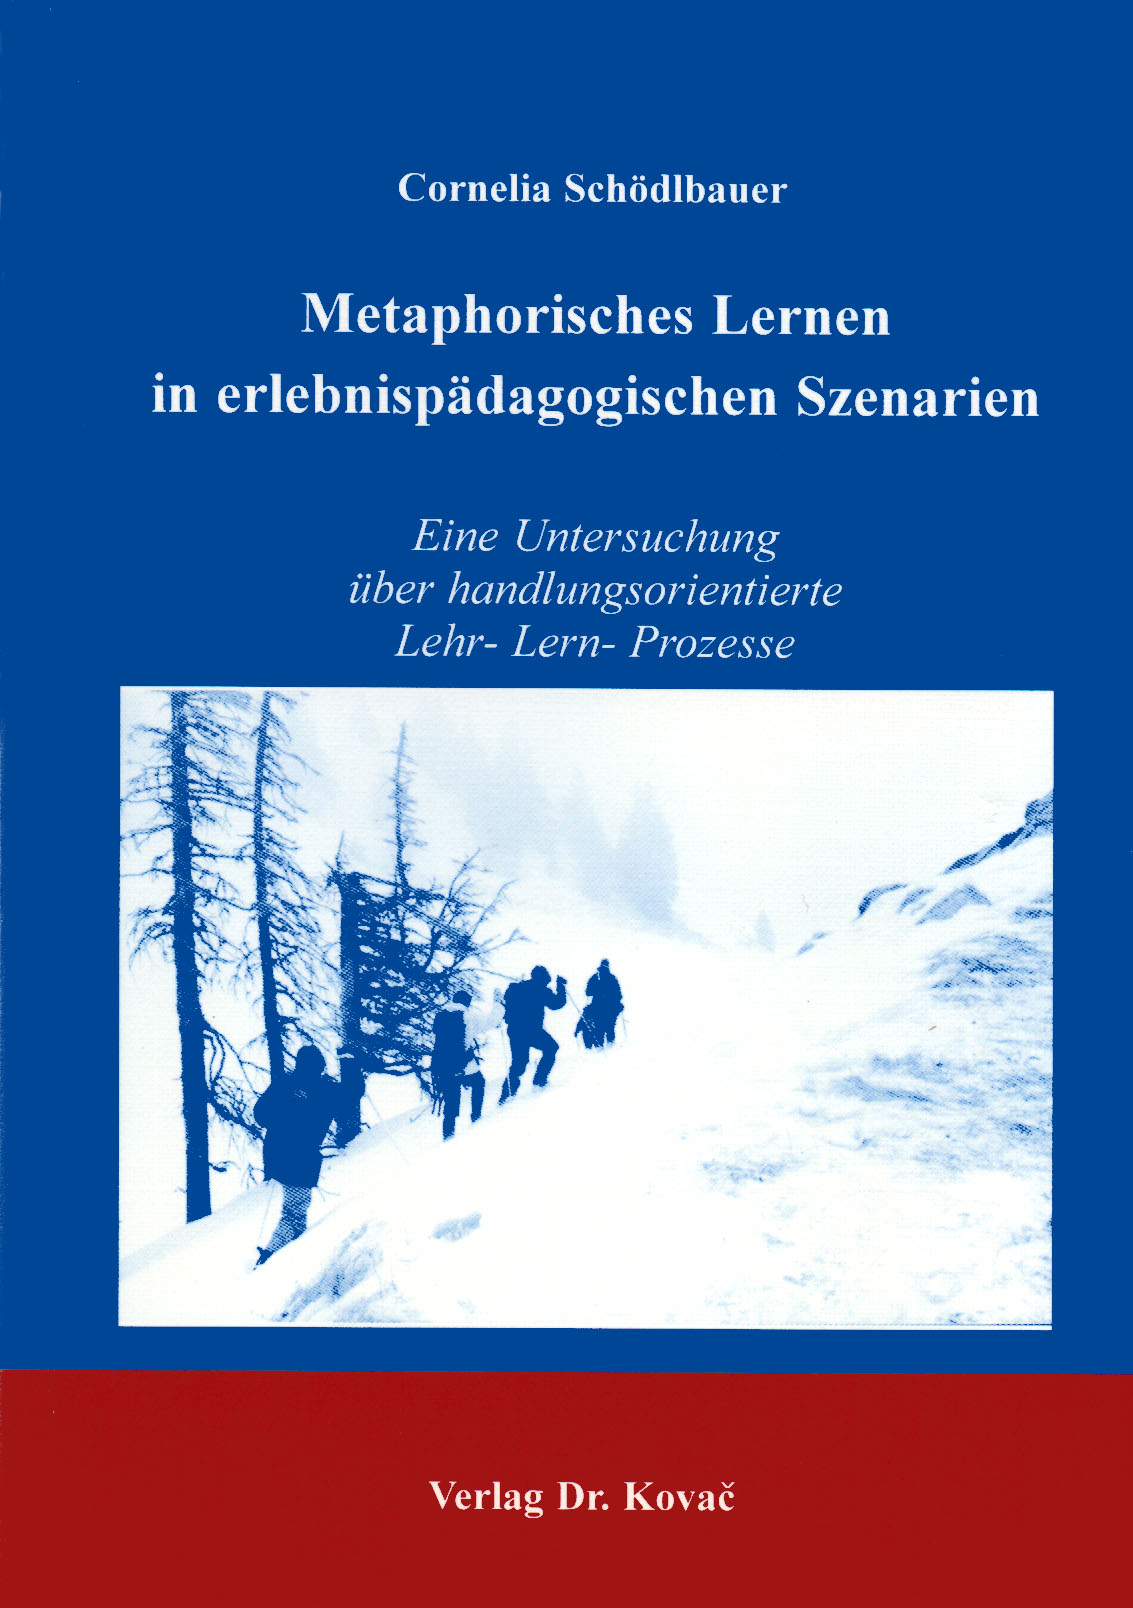 Cover: Metaphorisches Lernen in erlebnispädagogischen Szenarien